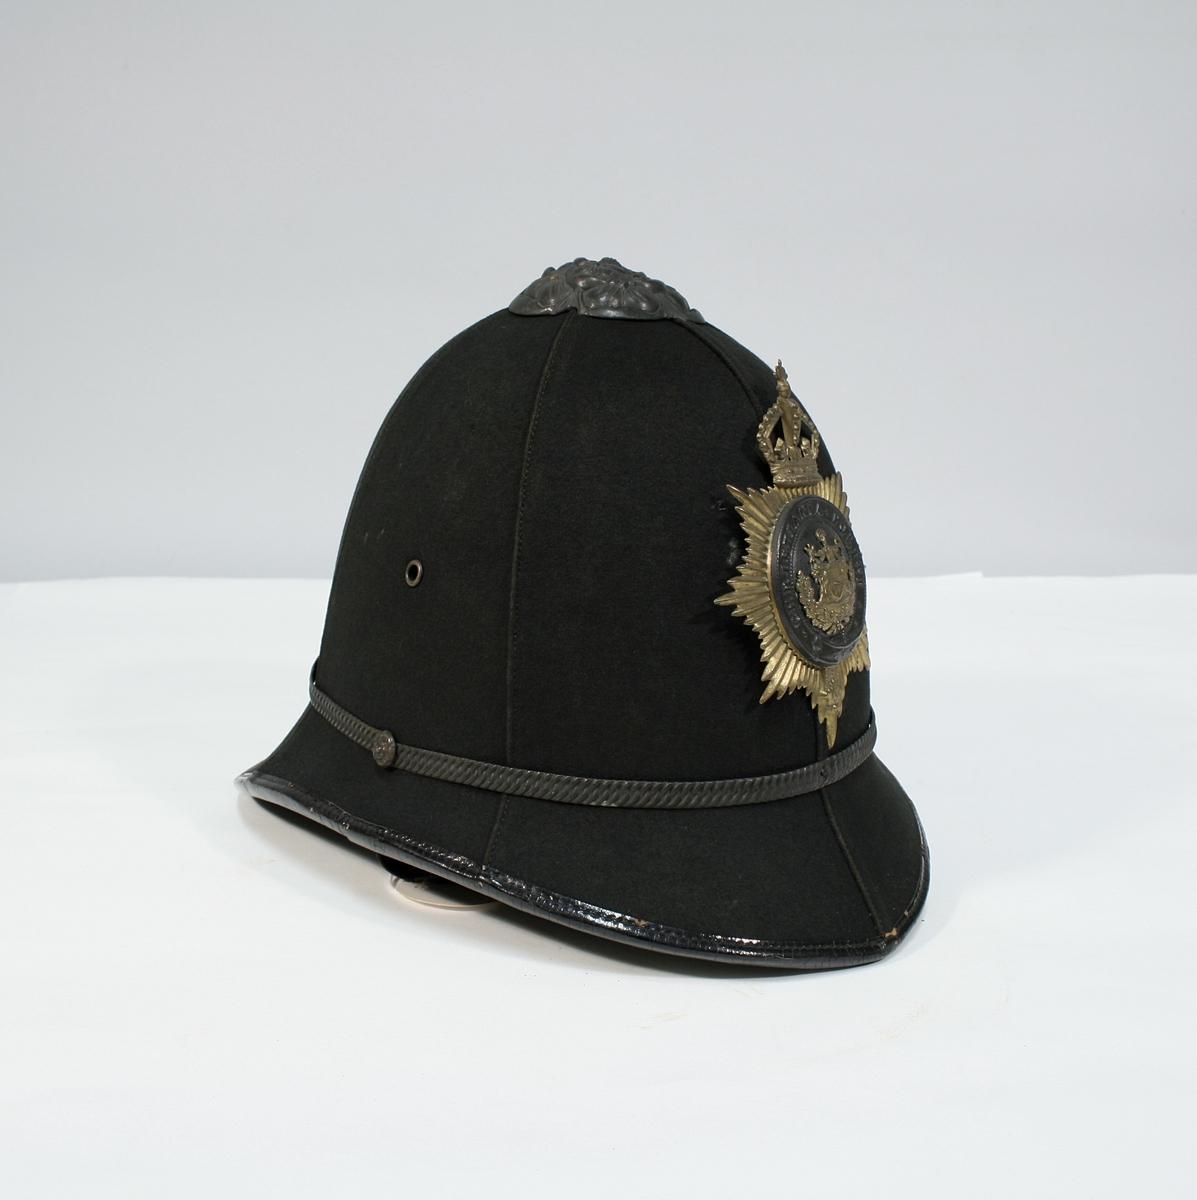 """Britiskinspirert hjelmform """"Bobby typen"""". Foran er Oslos byvåpen omringet av belte og stjerne, med krone over. På toppen er en rose av metall."""